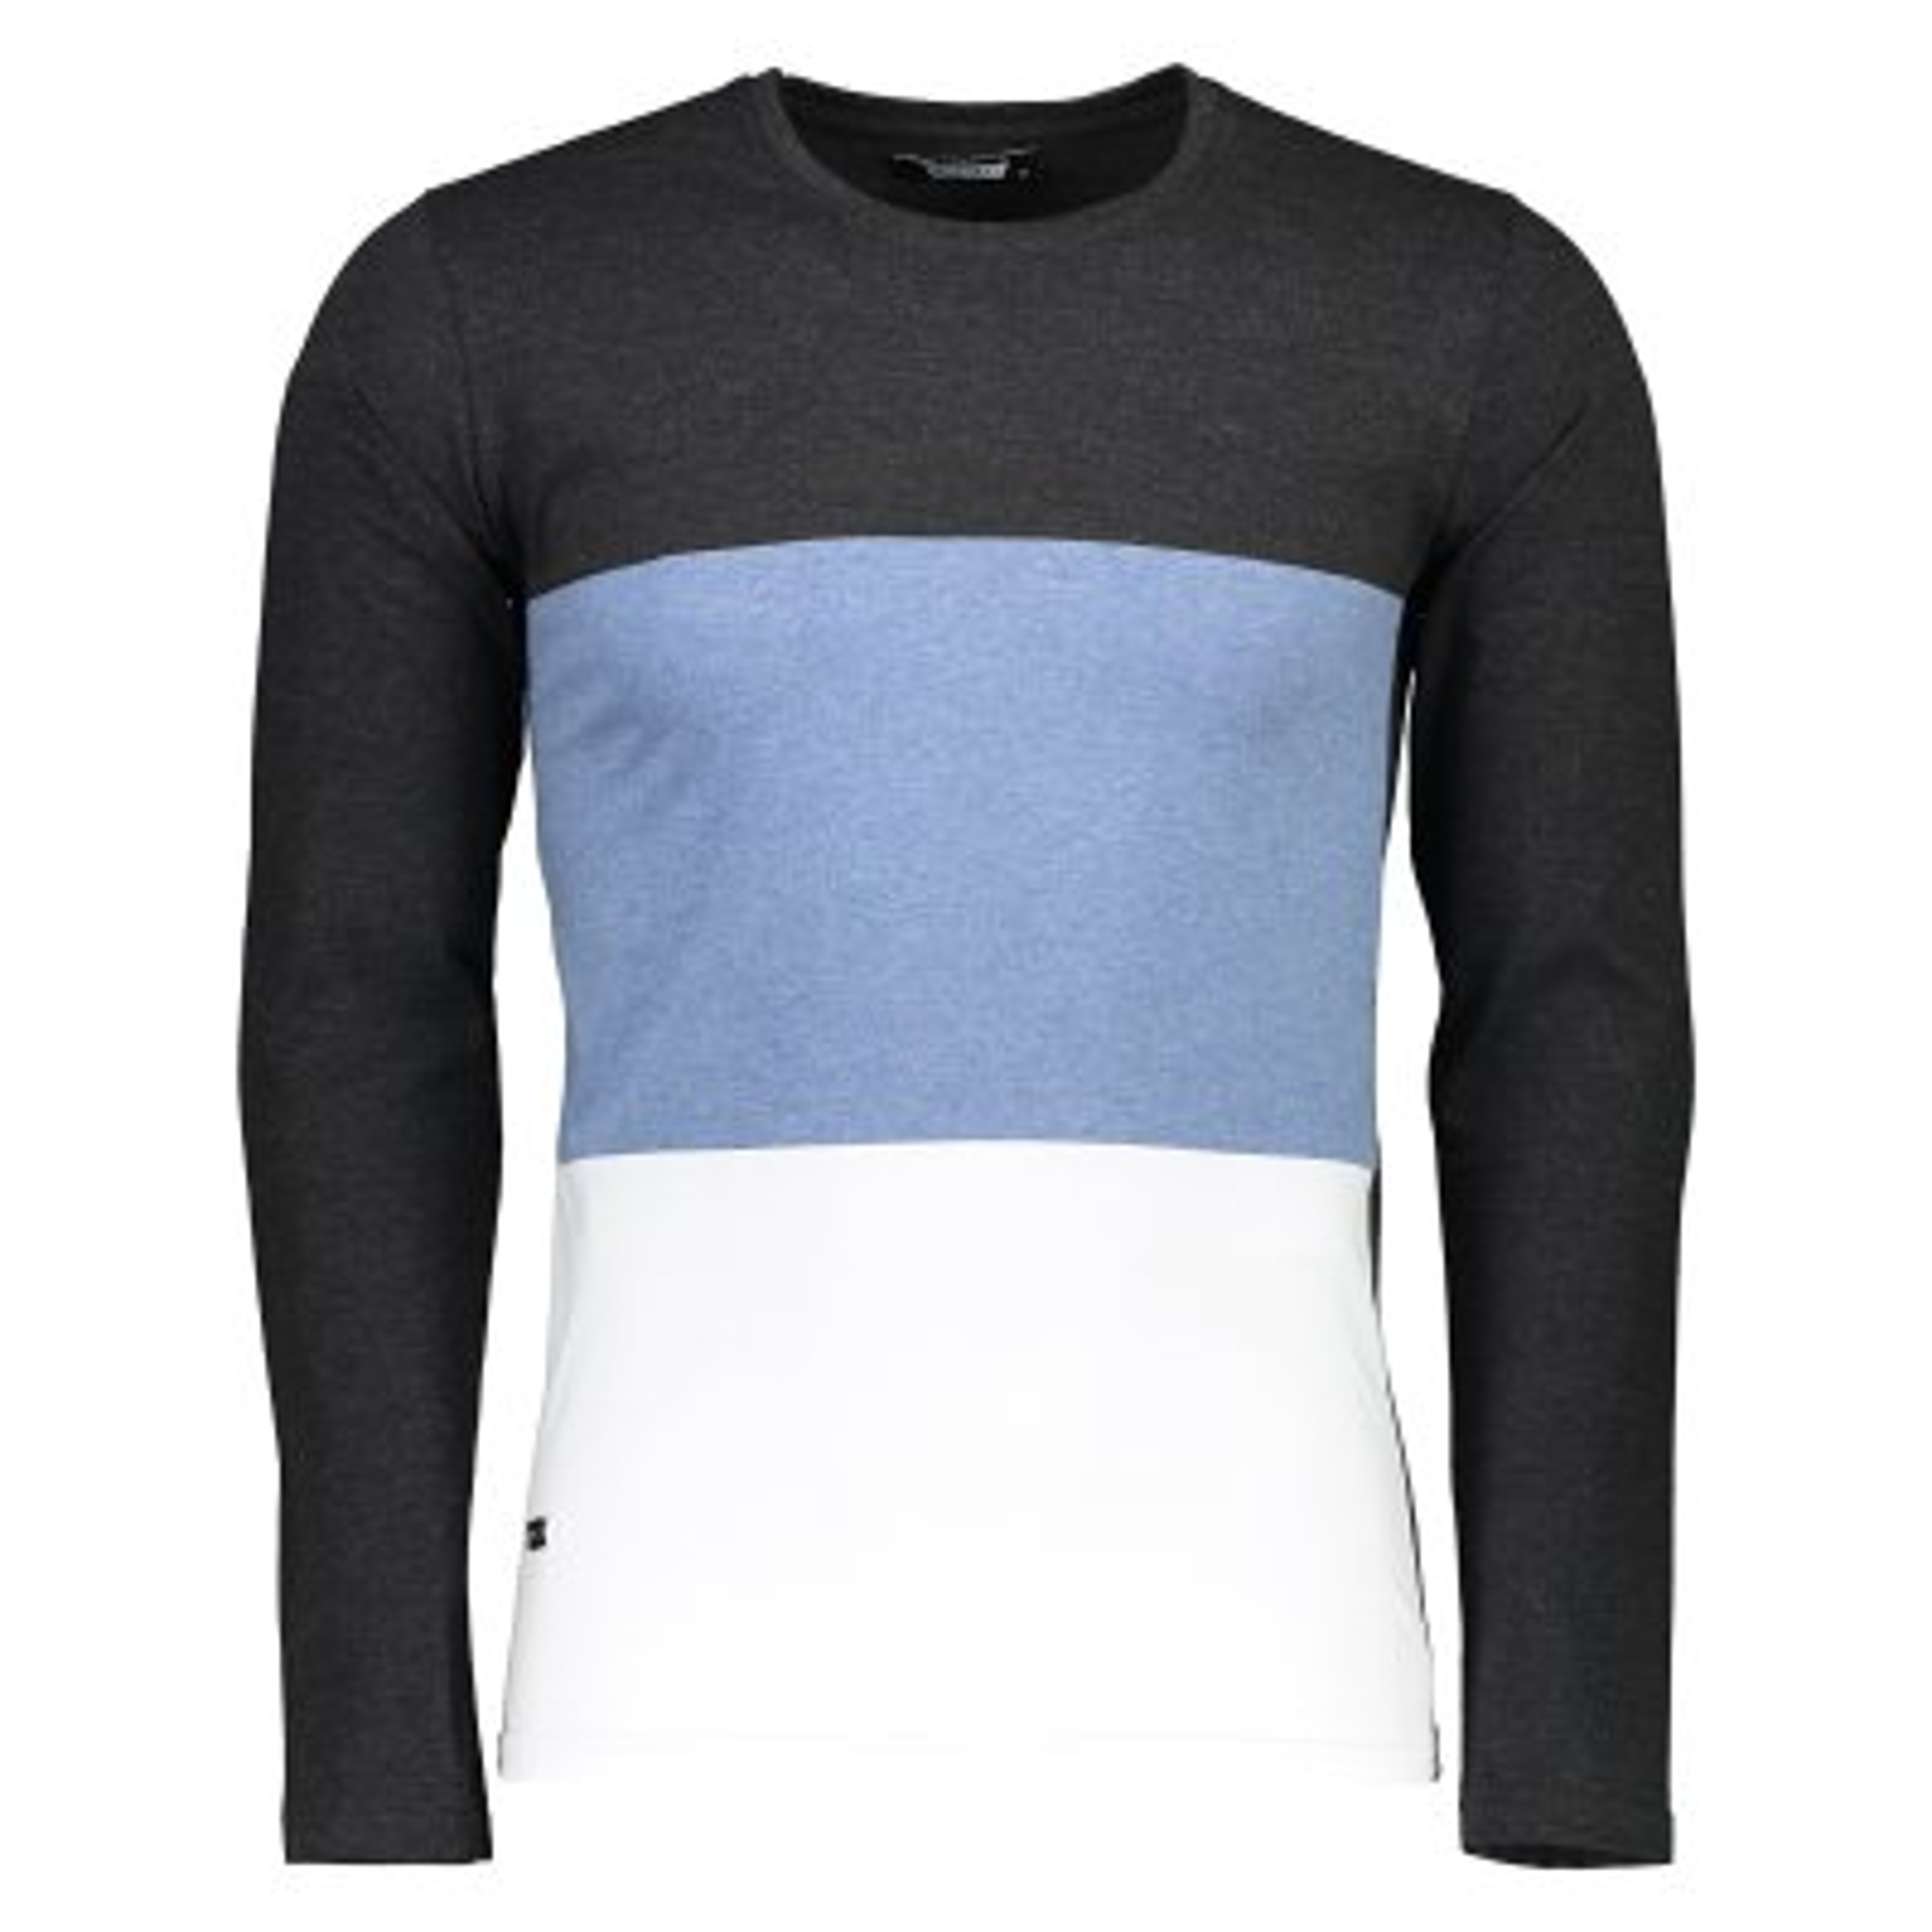 تی شرت آستین بلند مردانه بای نت کد 298-1